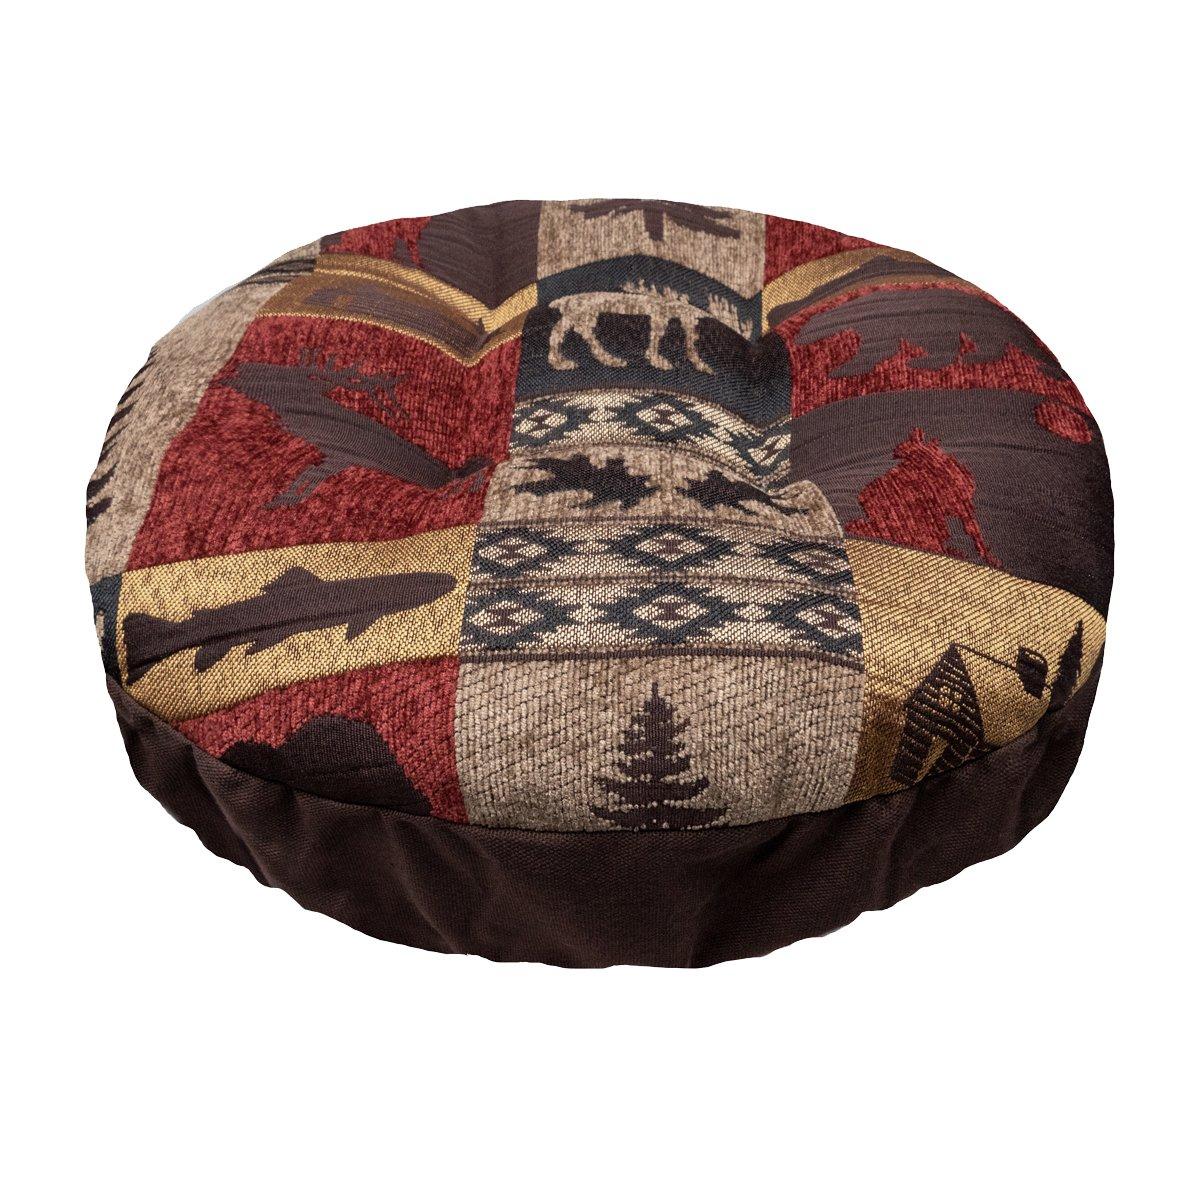 バーネットラウンドパッド入りバースツールカバーひもで調節可能ヨーク – Woodlands Lodgeコレクション – ラテックスフォームFill Barstoolクッション – Made in USA 標準 レッド 標準 Fairbanks B07DP748PN